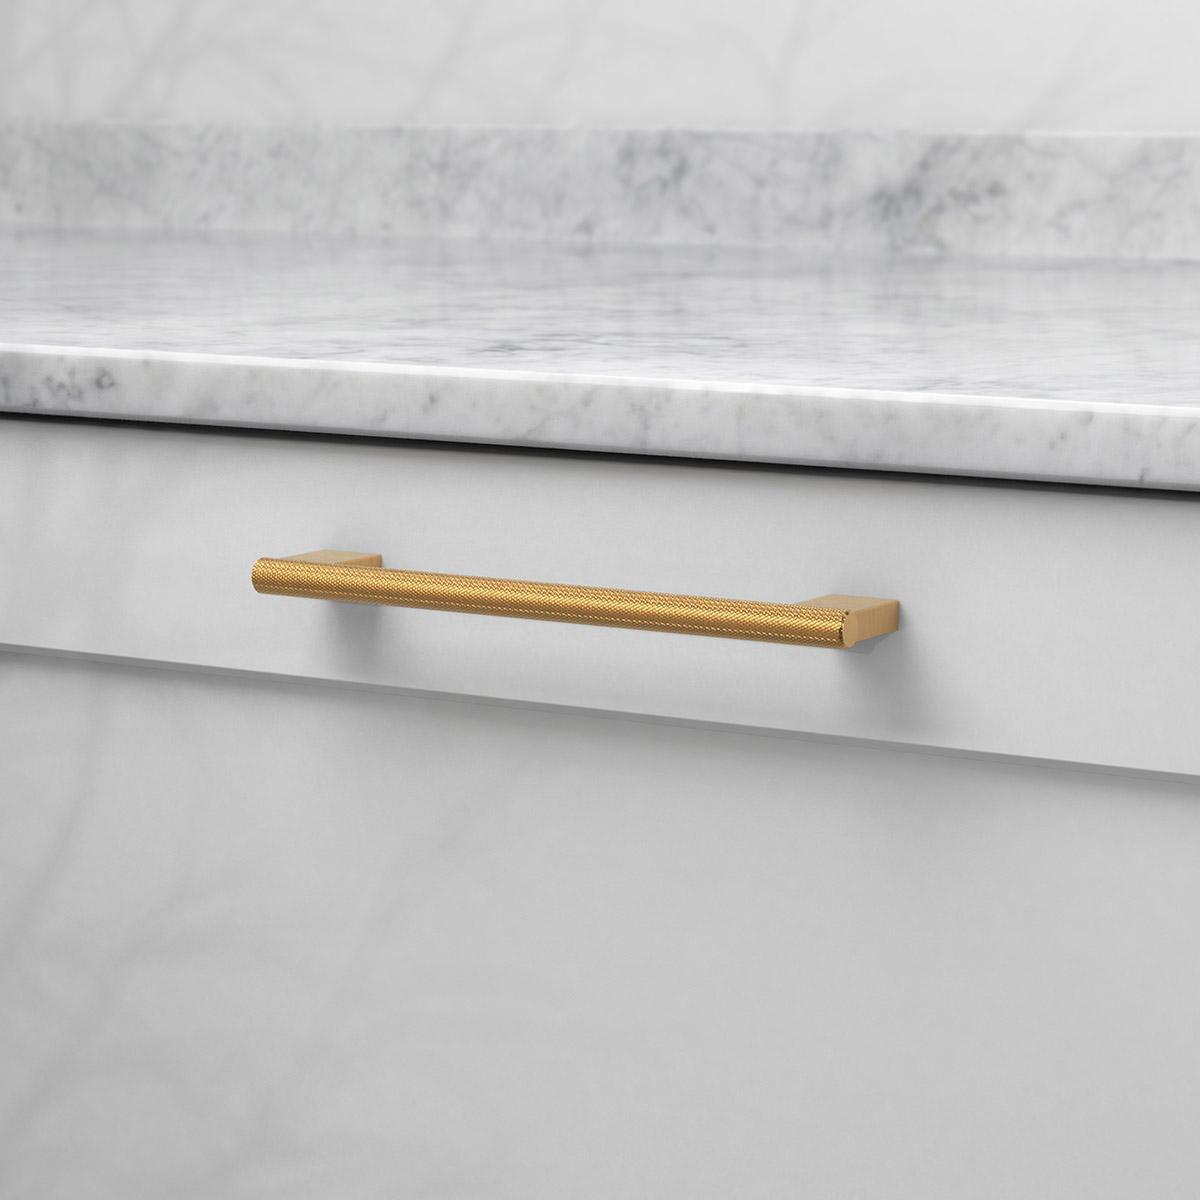 Handtag graf mini massing 370230 11 cc 160 mm ncs s 3000 n marmor carrara